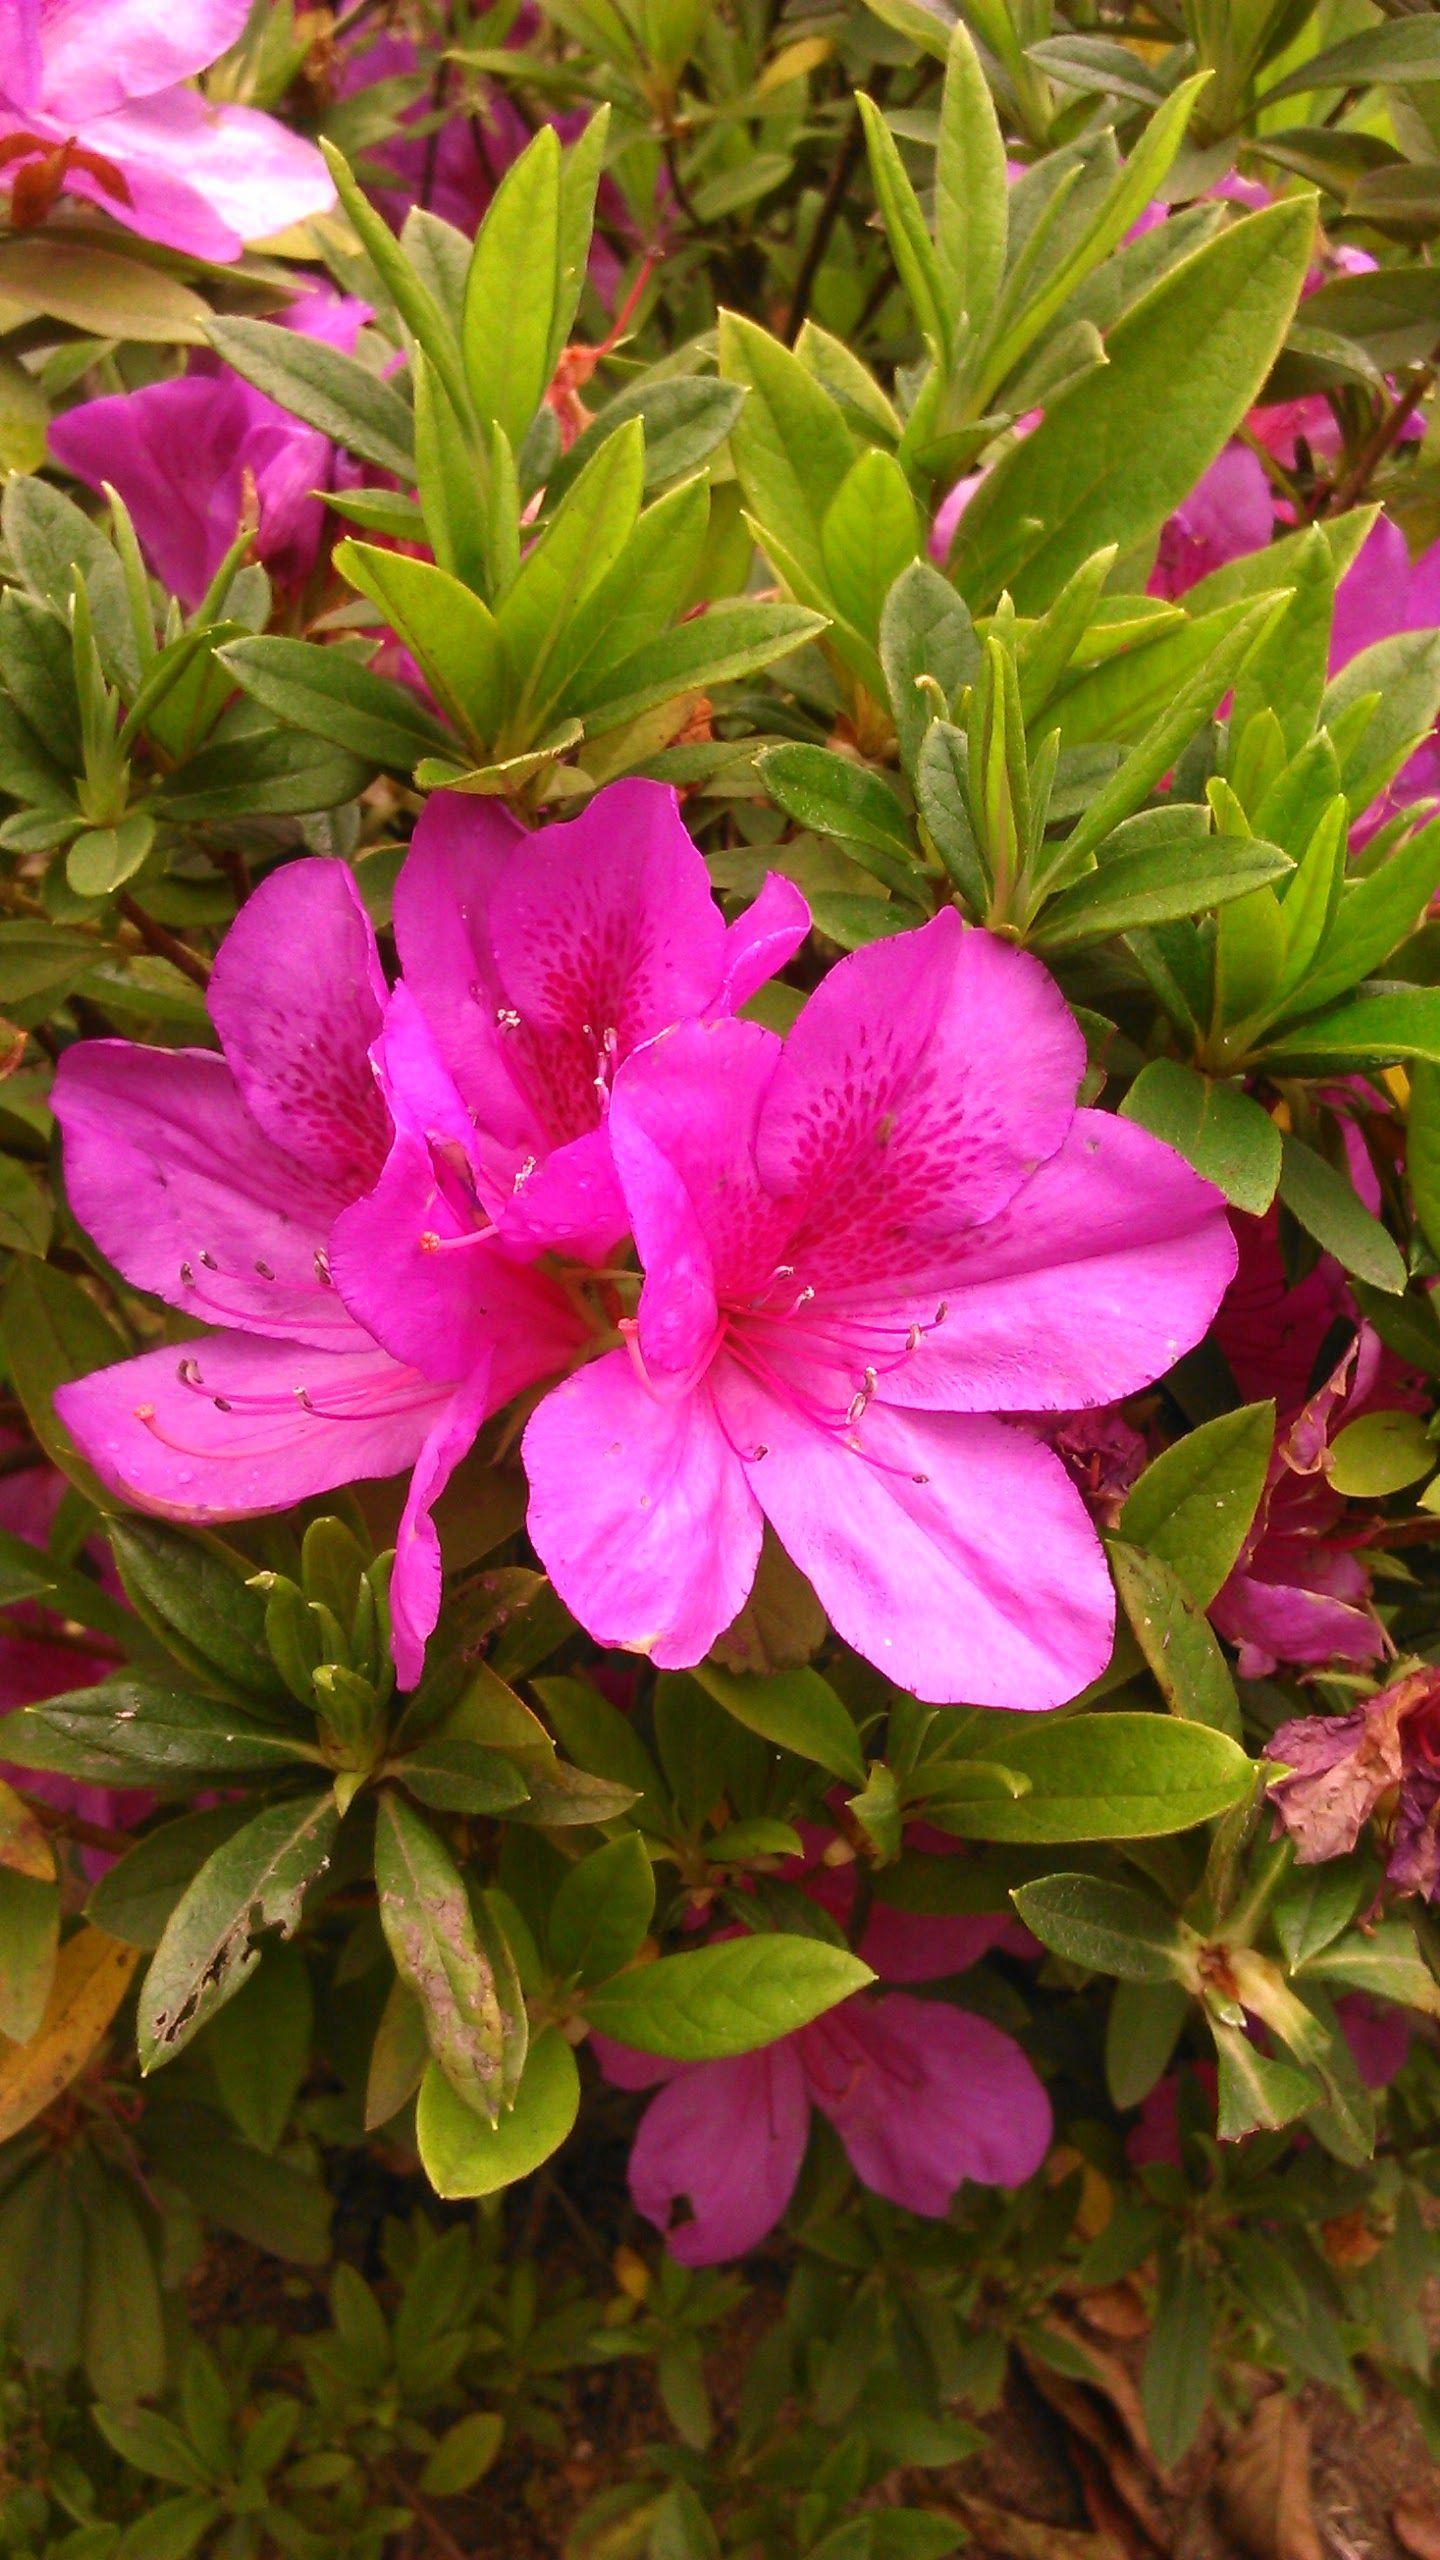 Beautiful Azalea Azalea Pinkazalea Plants Flowers Beautifulflower Gardening Gardens Godawari Nepal